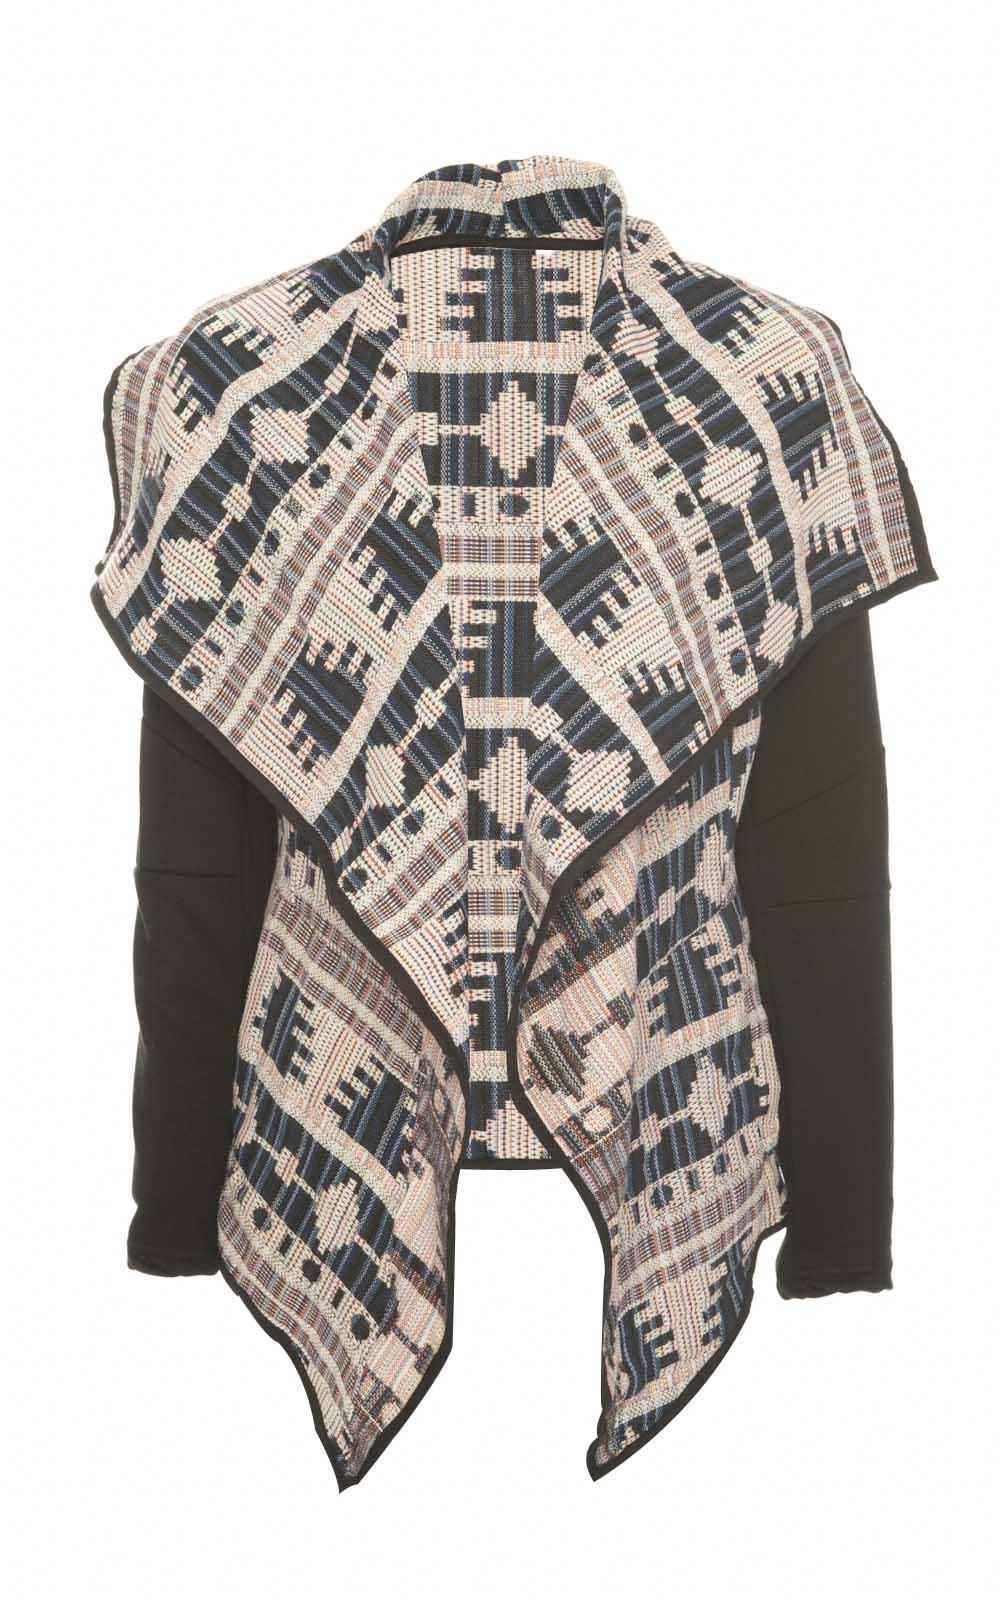 Women's Outerwear iKrush Julie Multi Coloured Aztec Waterfall Jacket